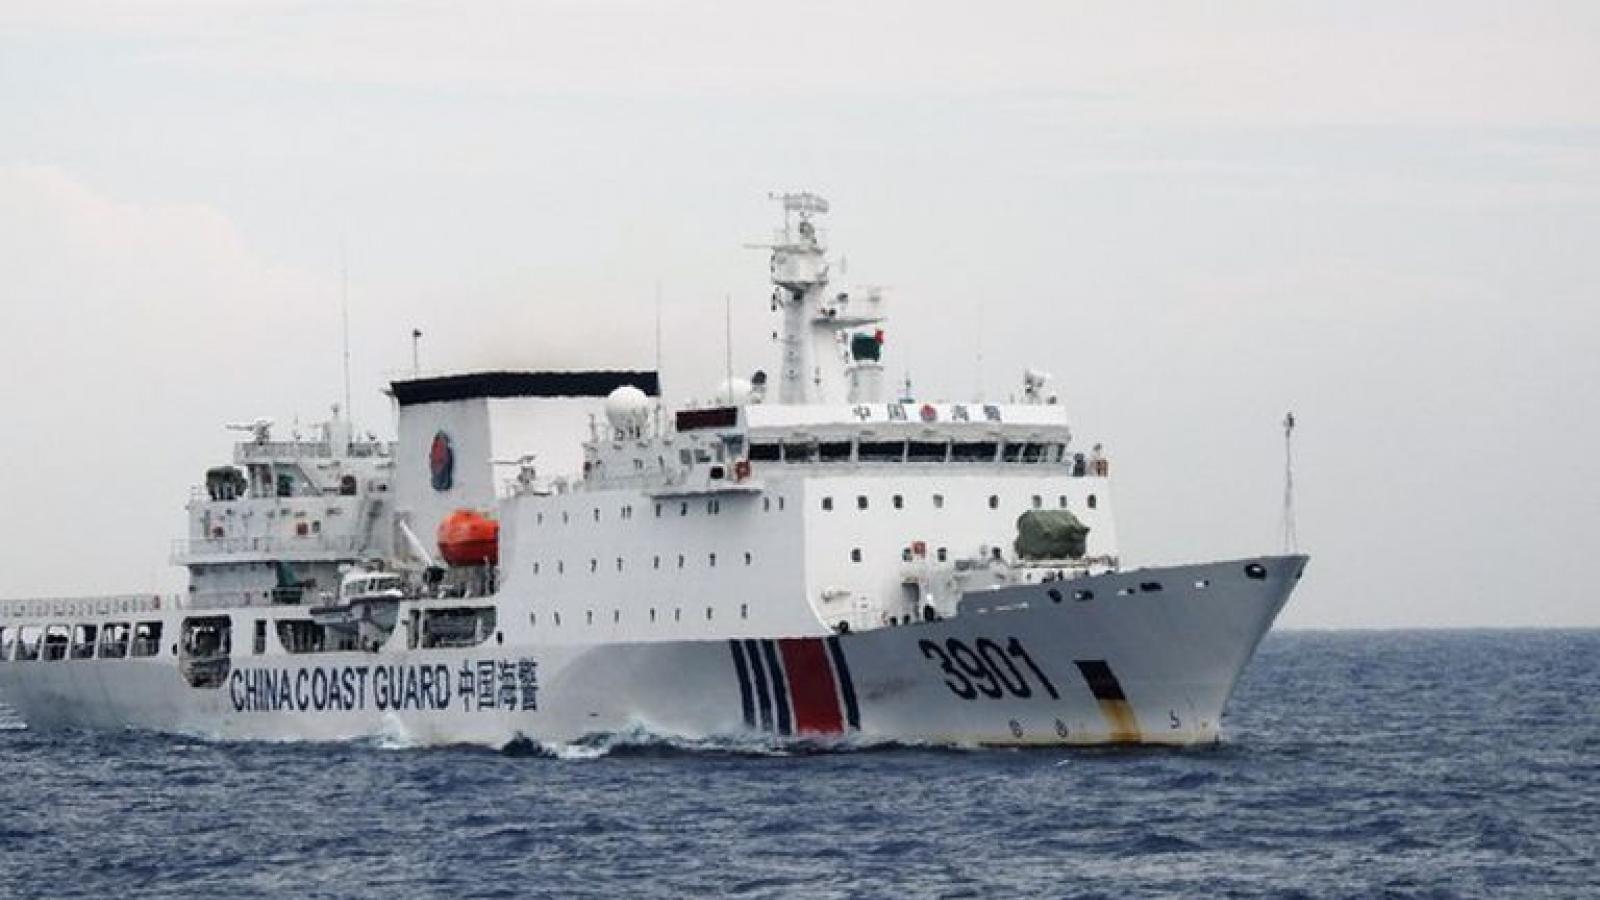 Nhật Bản tiếp tục bày tỏ lo ngại về tính pháp lý của Luật Hải cảnh Trung Quốc